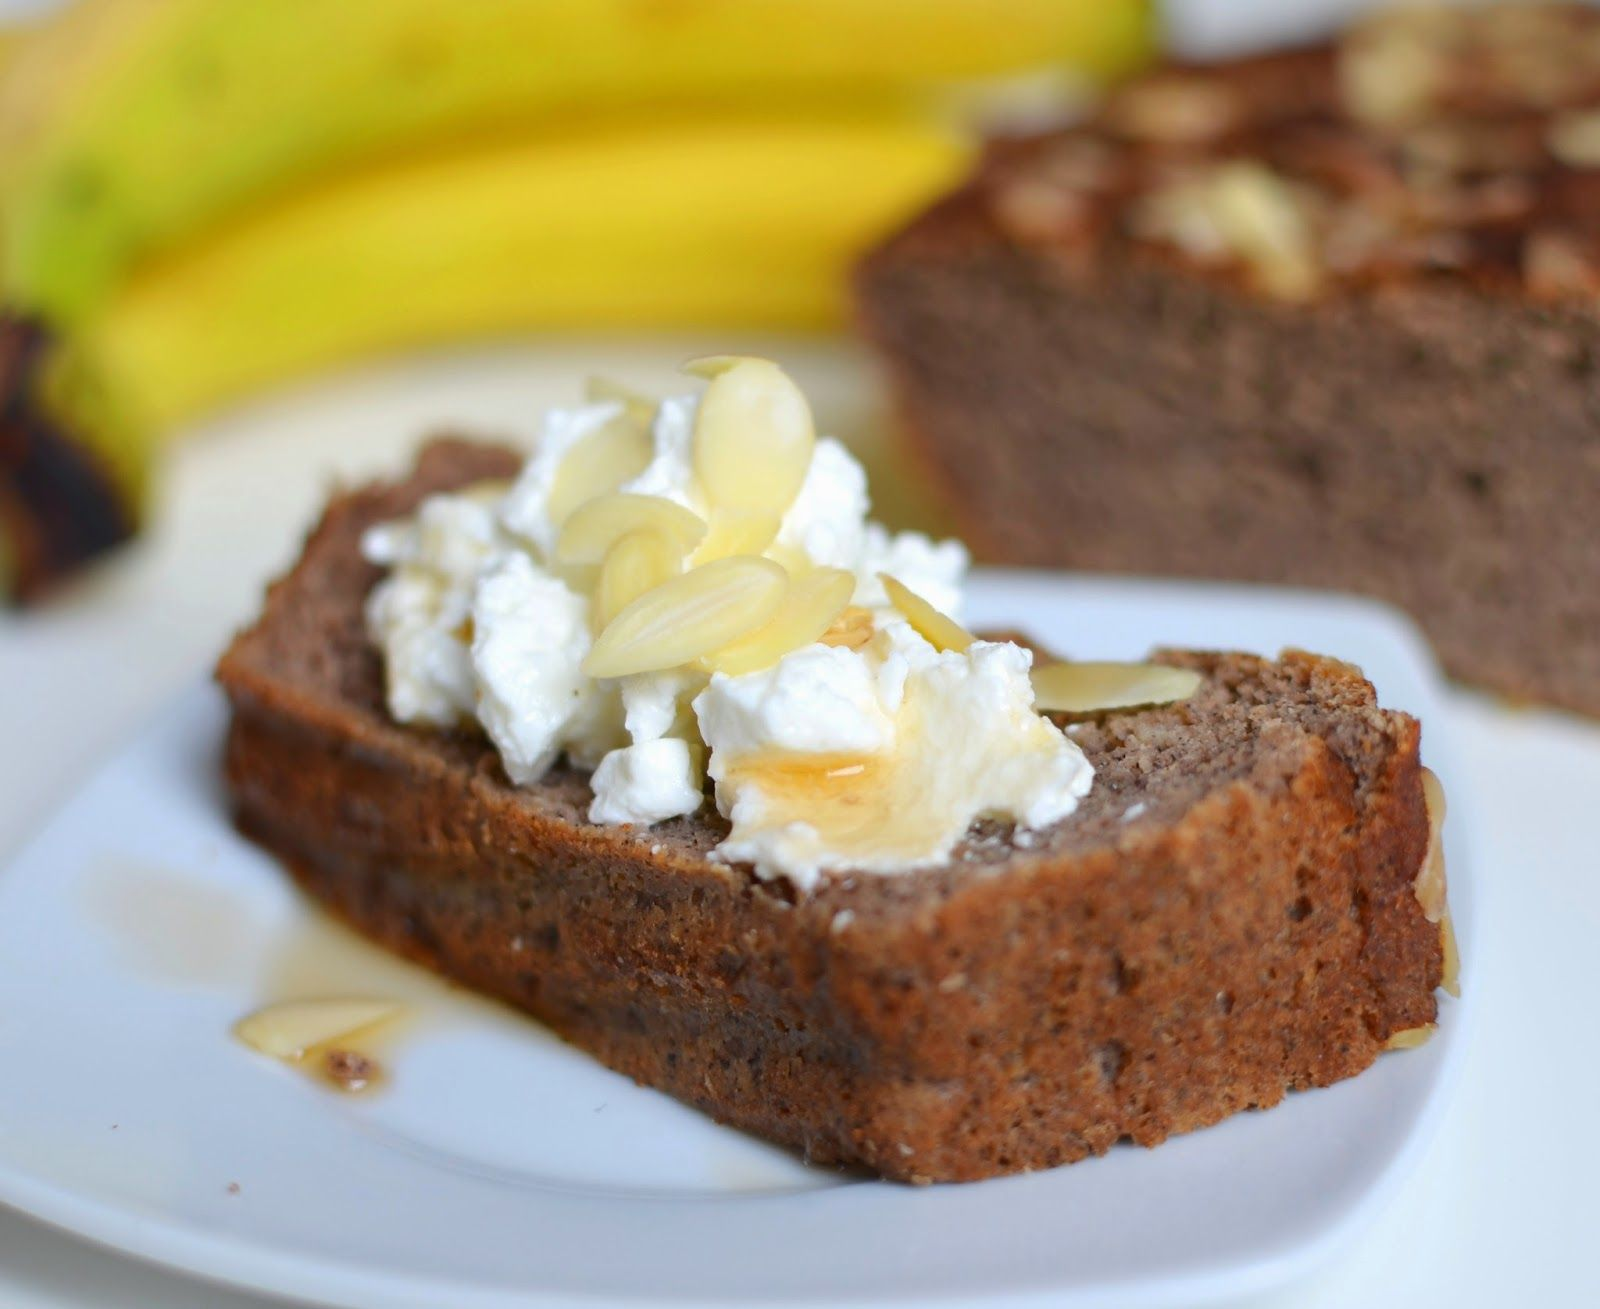 Walnut Kitchen: Chleb bananowo-kokosowy. Zdrowy i bezglutenowy!